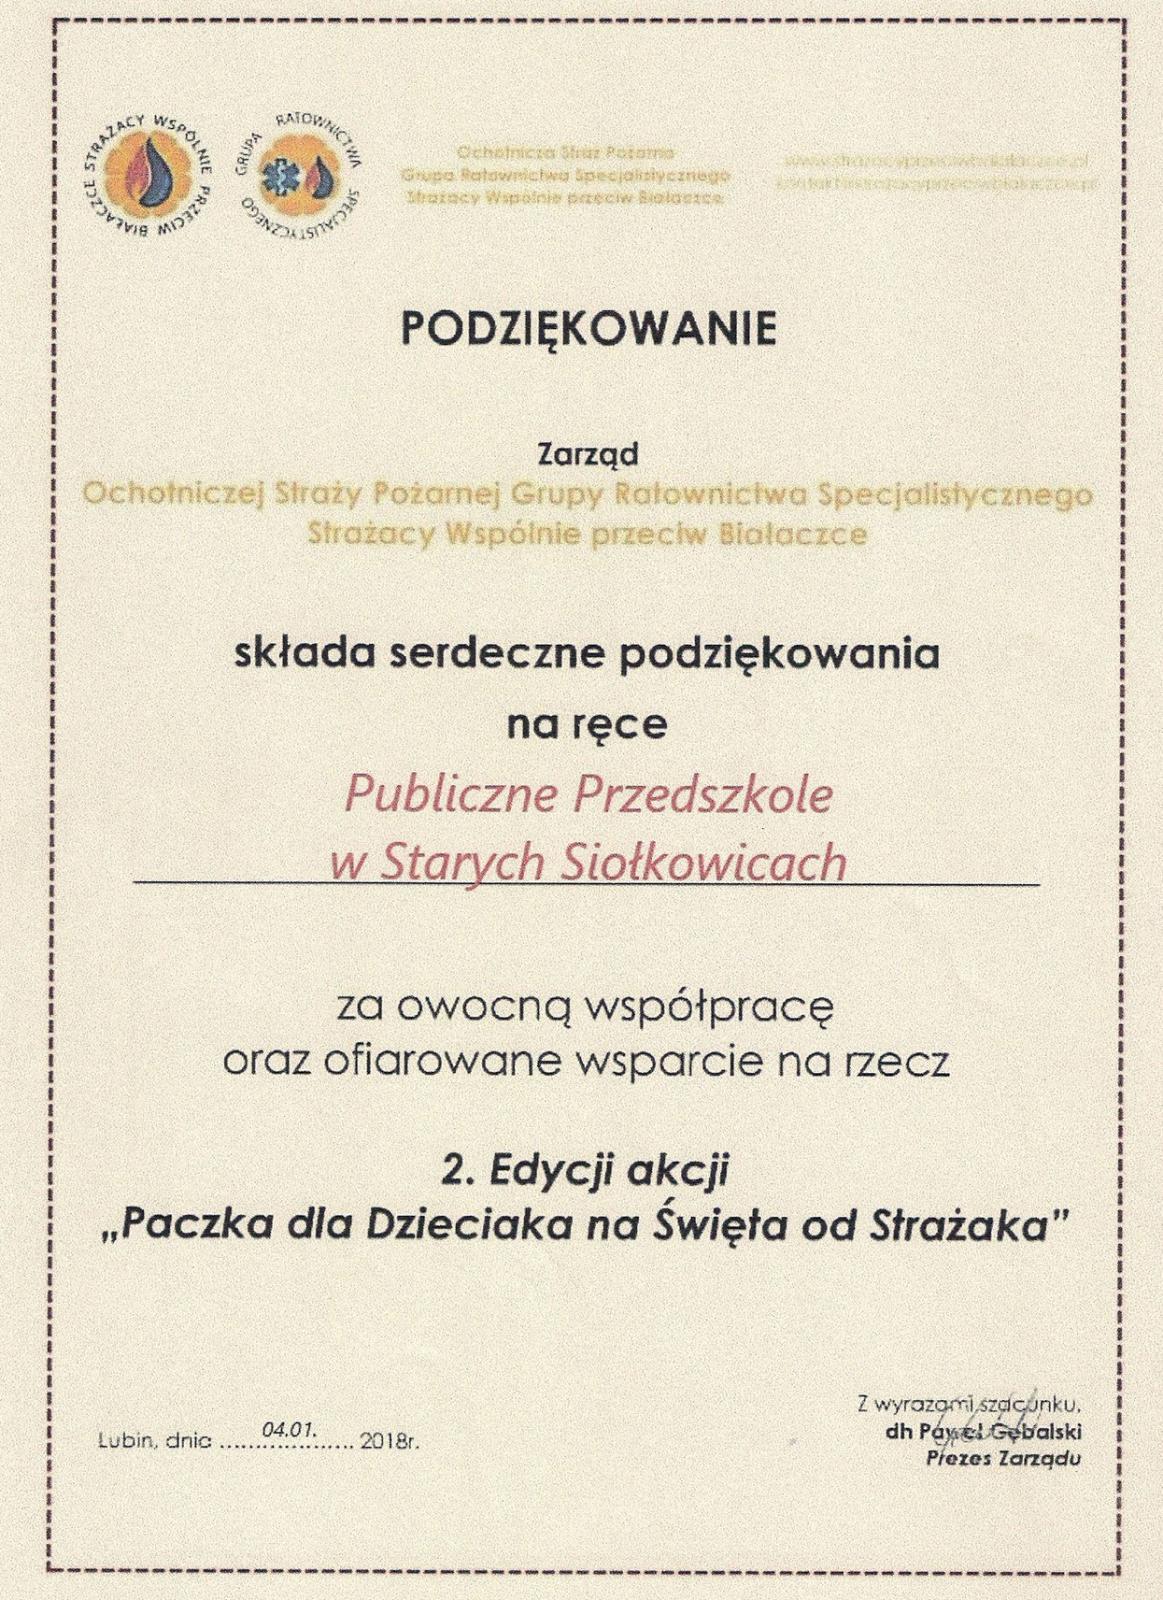 Podziękowanie - na rzecz 2 edycji akcji Paczka dla Dzieciaka na Święta od Strażaka